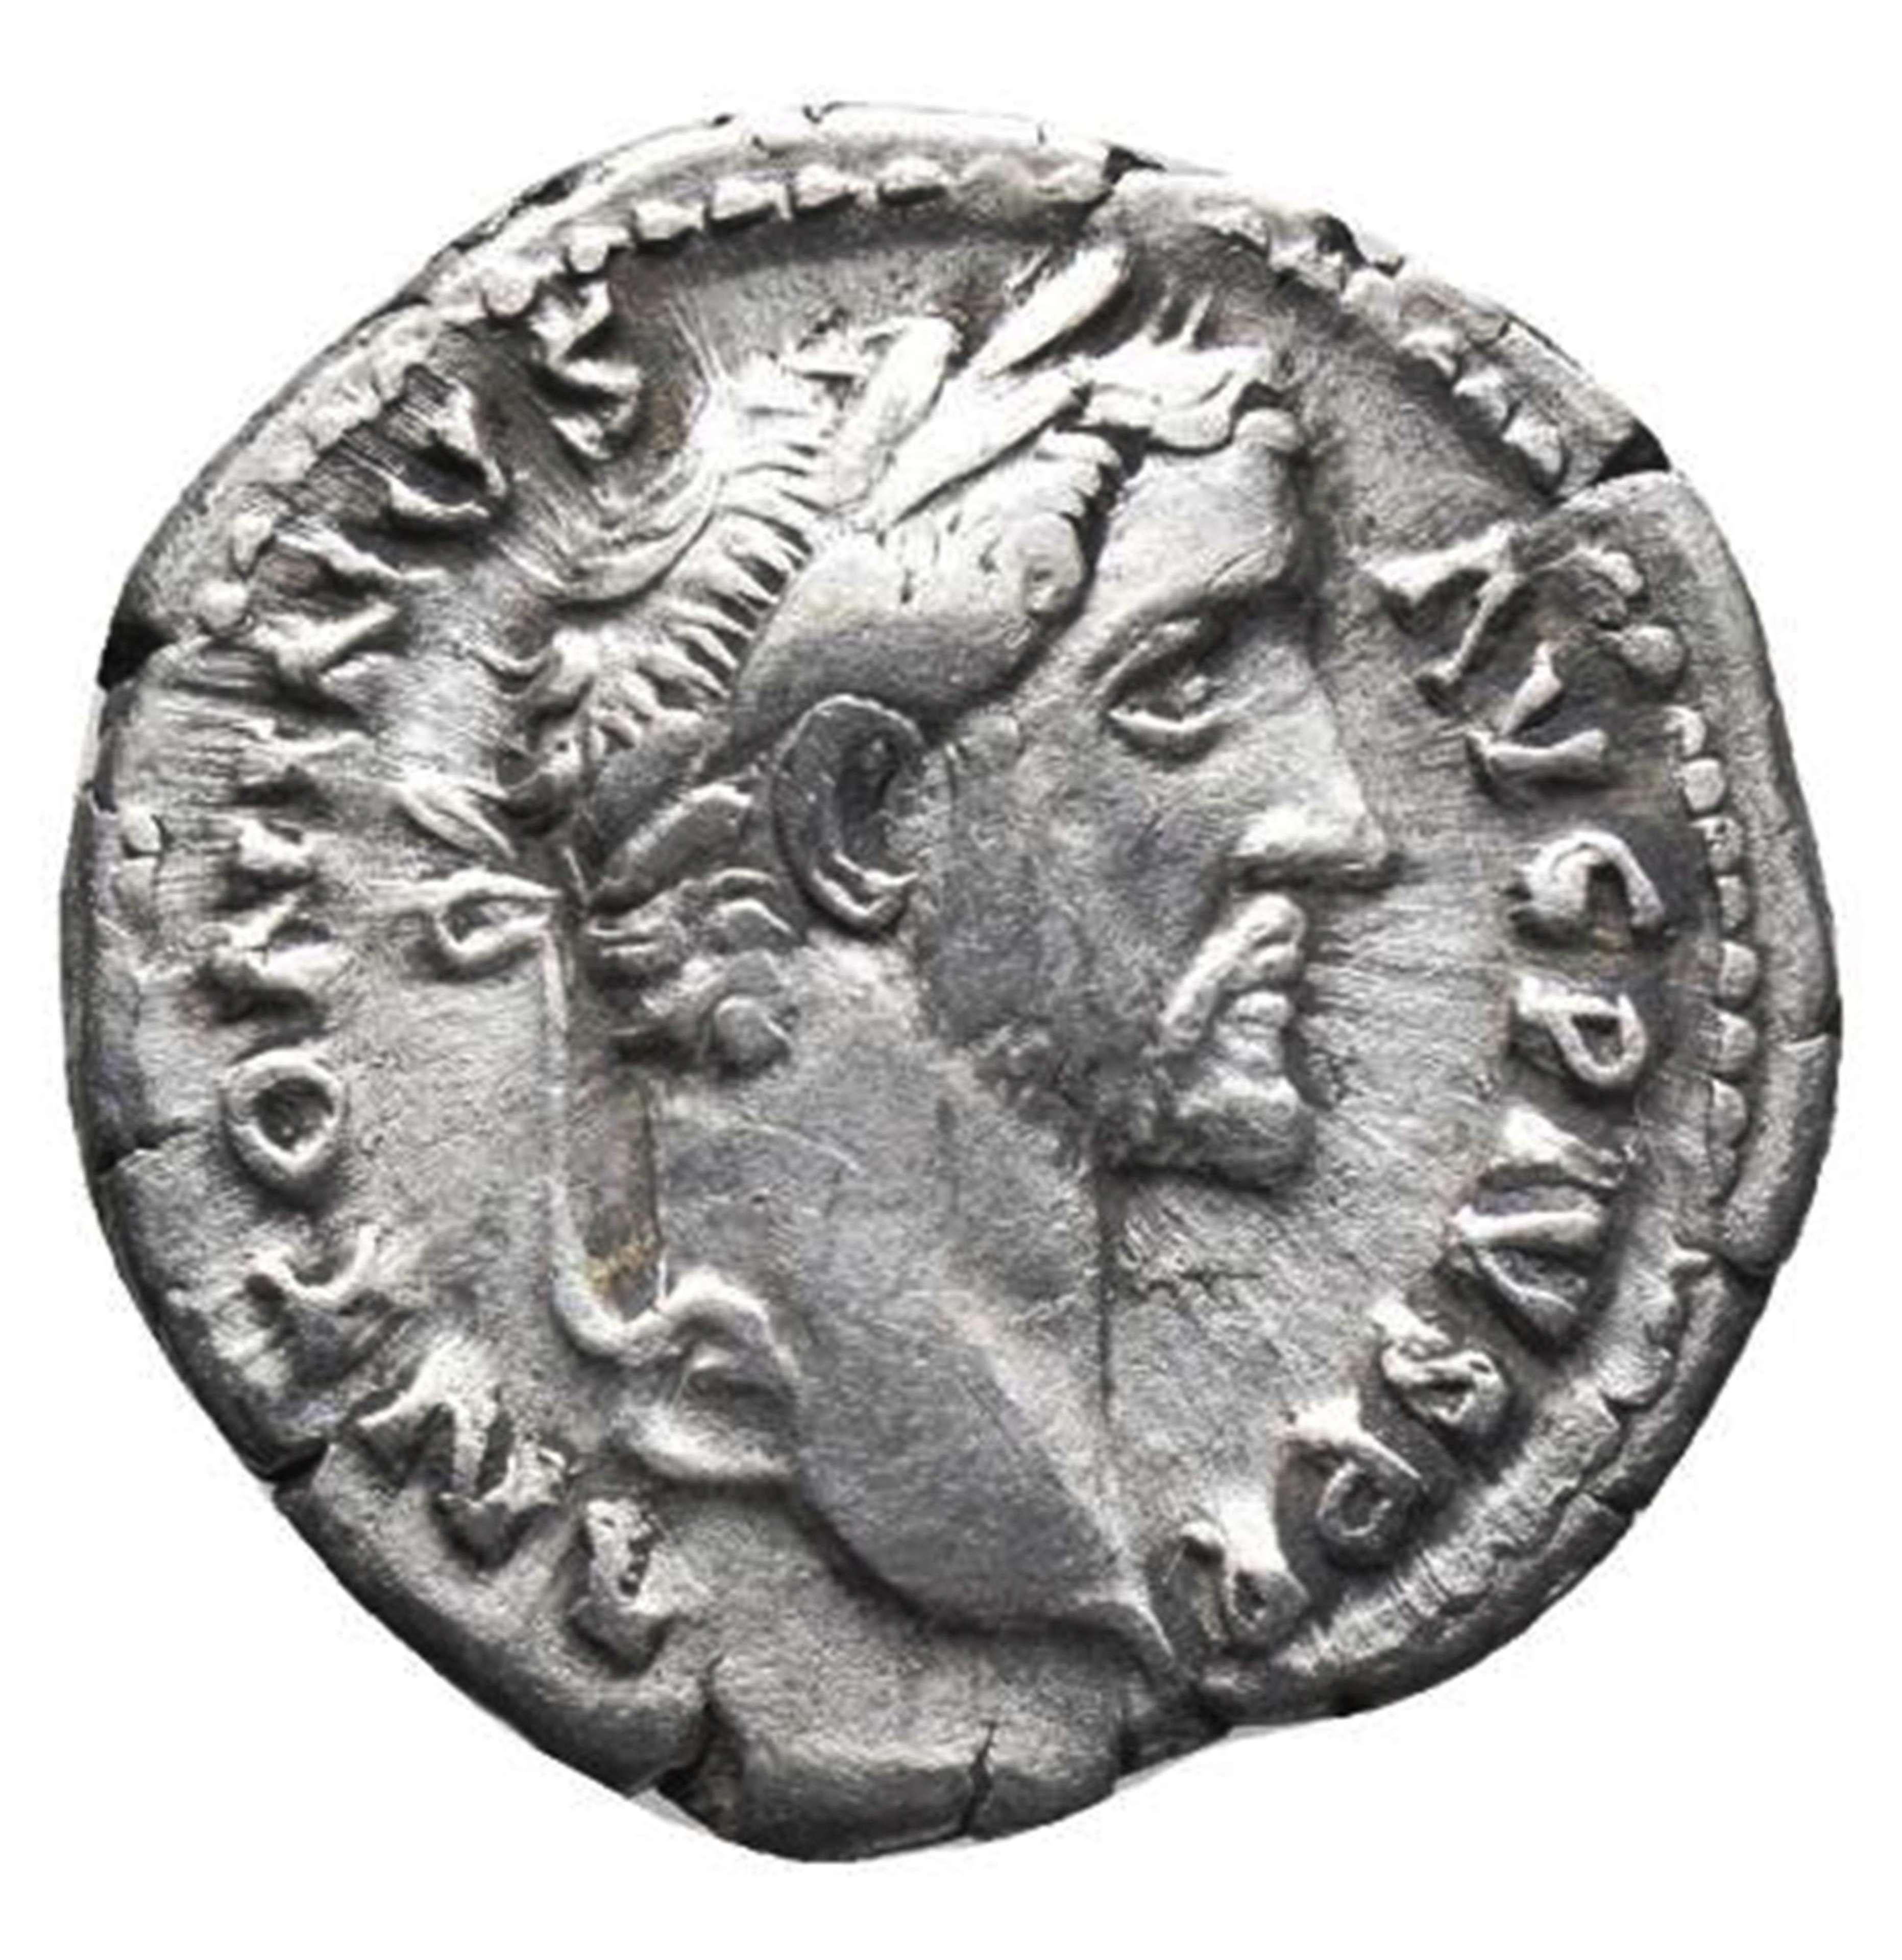 Ancient Roman Silver Denarius of Emperor Antoninus Pius / Caduceus